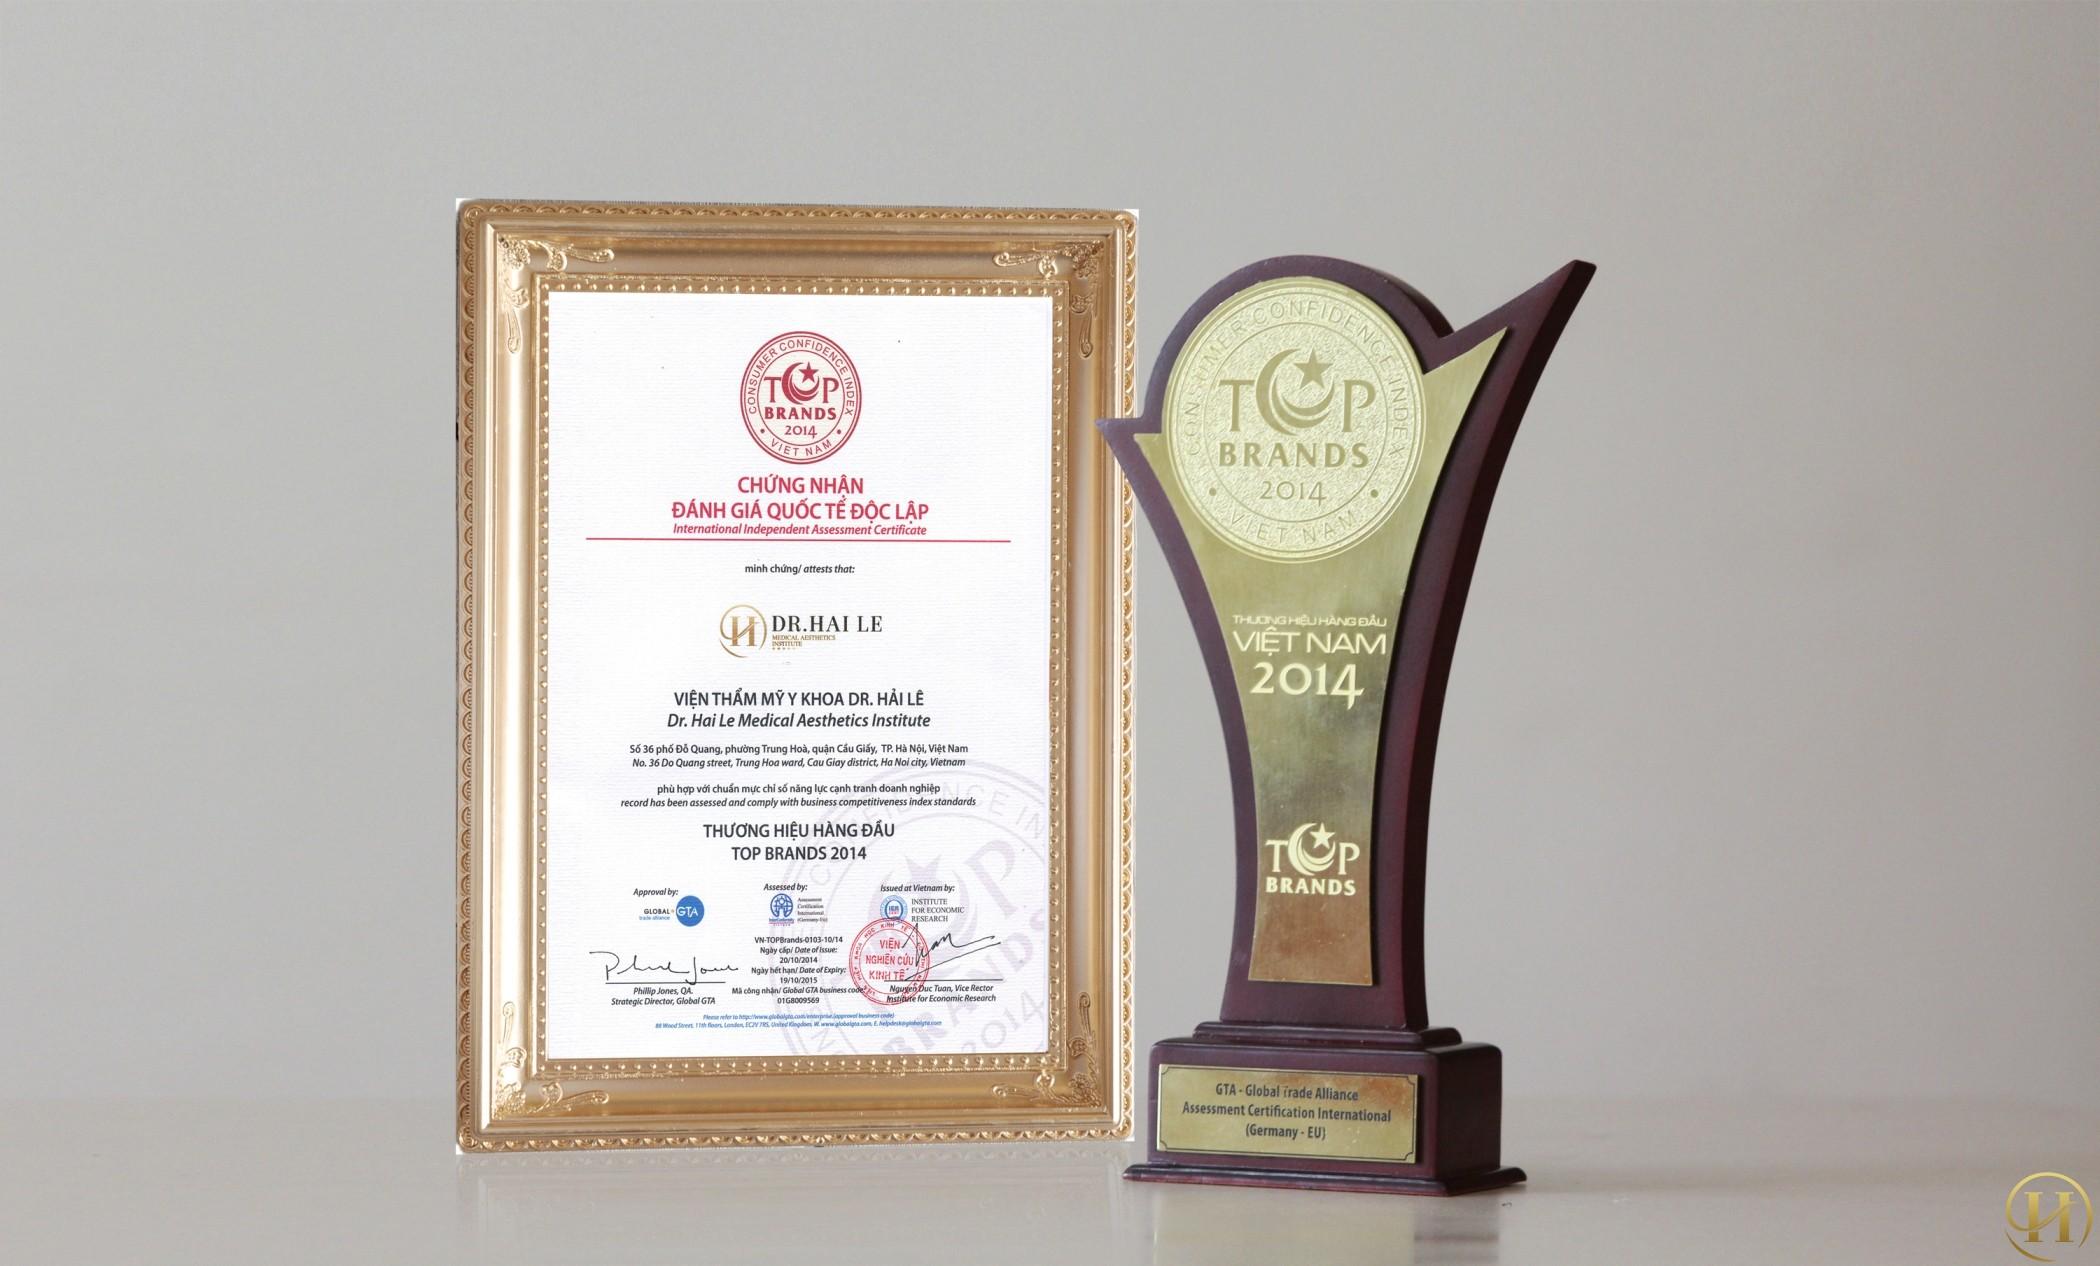 Viện Thẩm Mỹ Y khoa Dr.Hải Lê đạt giải thưởng Top Brand 2014